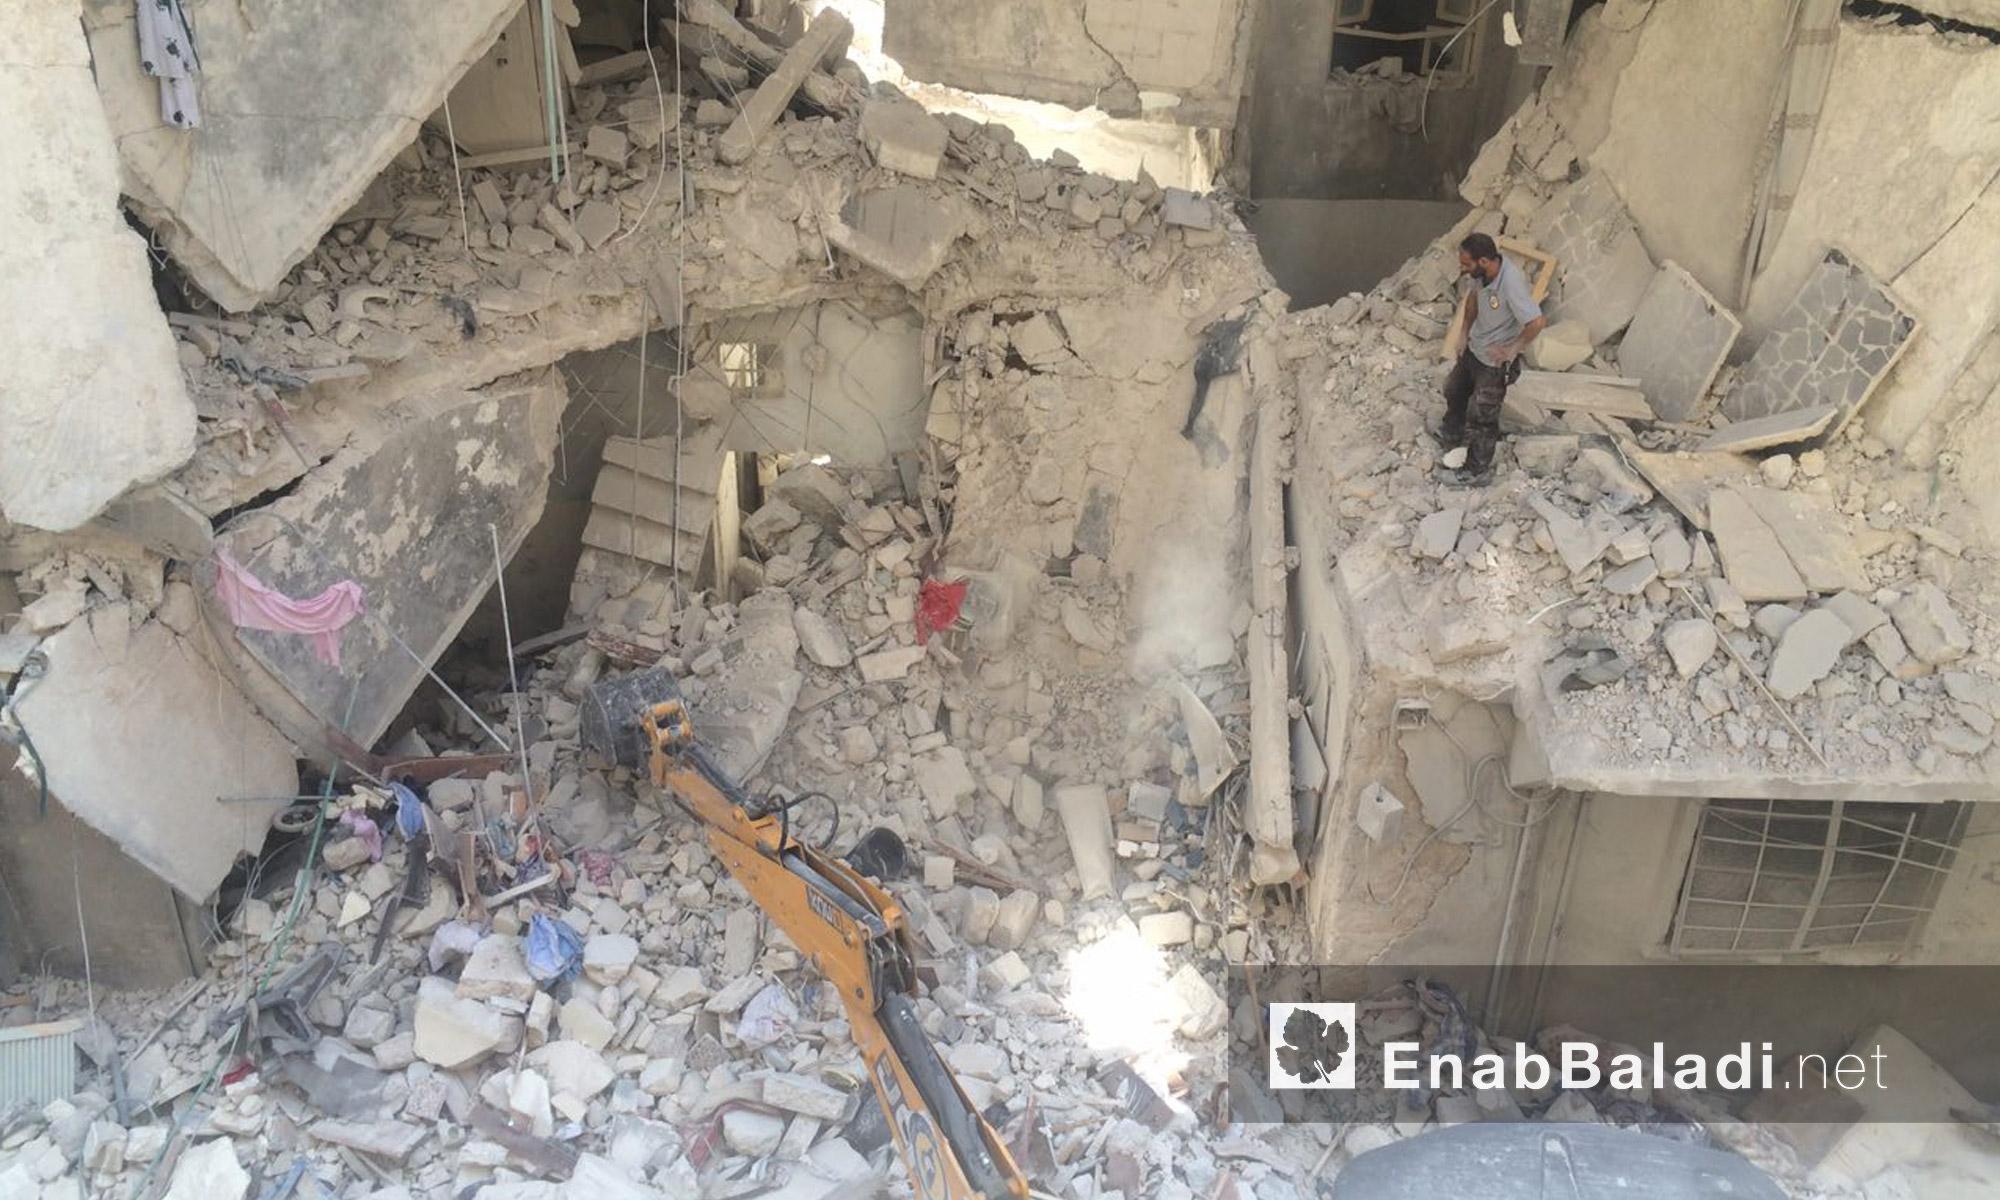 آليات الدفاع المدني تزيل آثار القصف على حي السكري في حلب - الاثنين 5 أيلول (عنب بلدي)